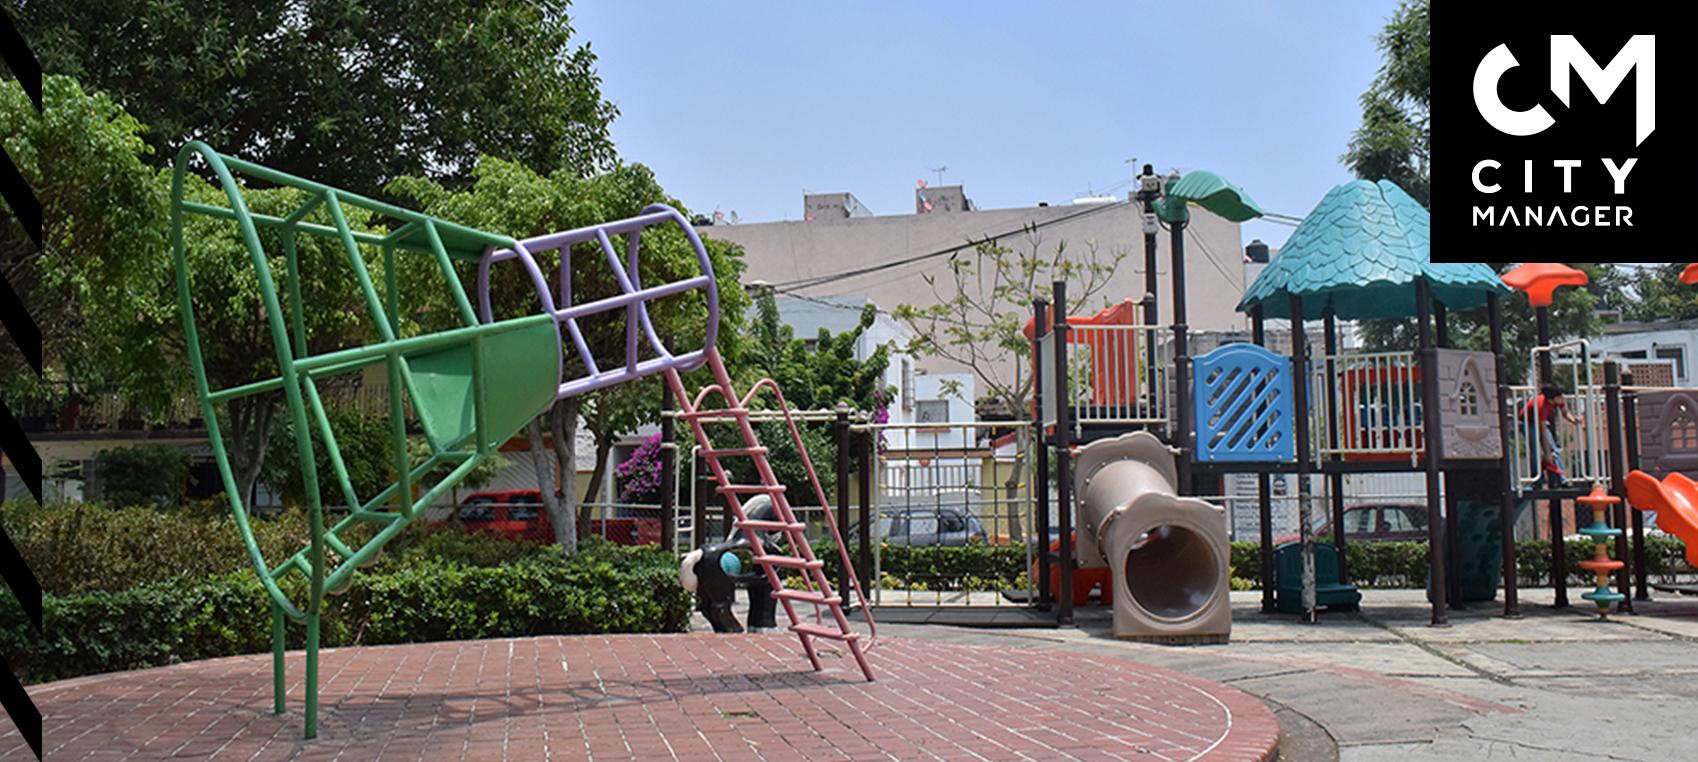 Participan vecinos en mejoramiento urbano